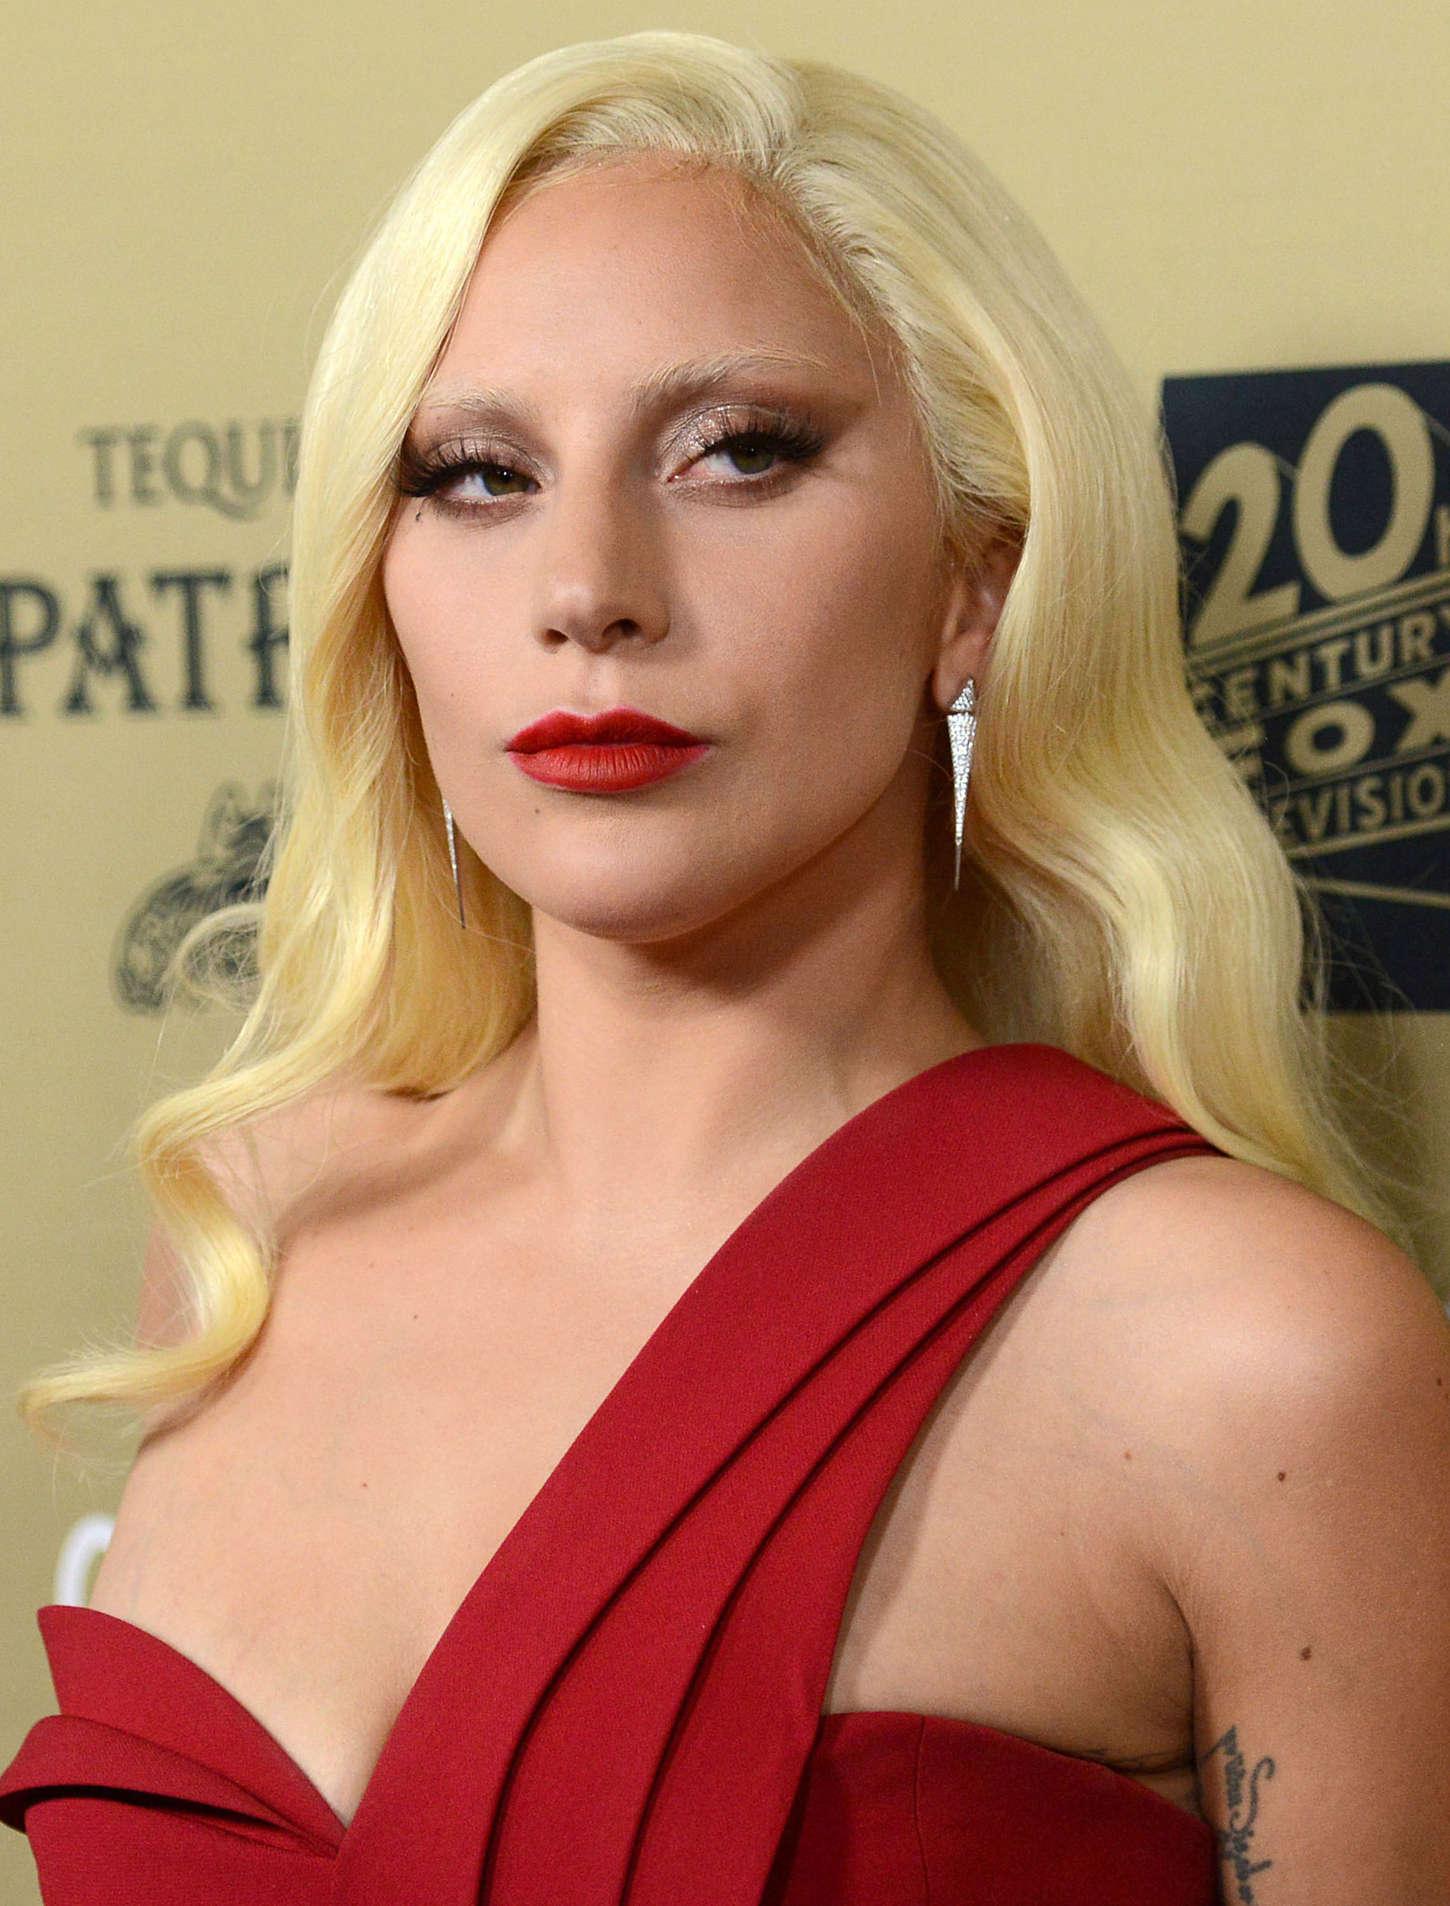 Lady-Gaga:-American-Horror-Story:-Hotel-